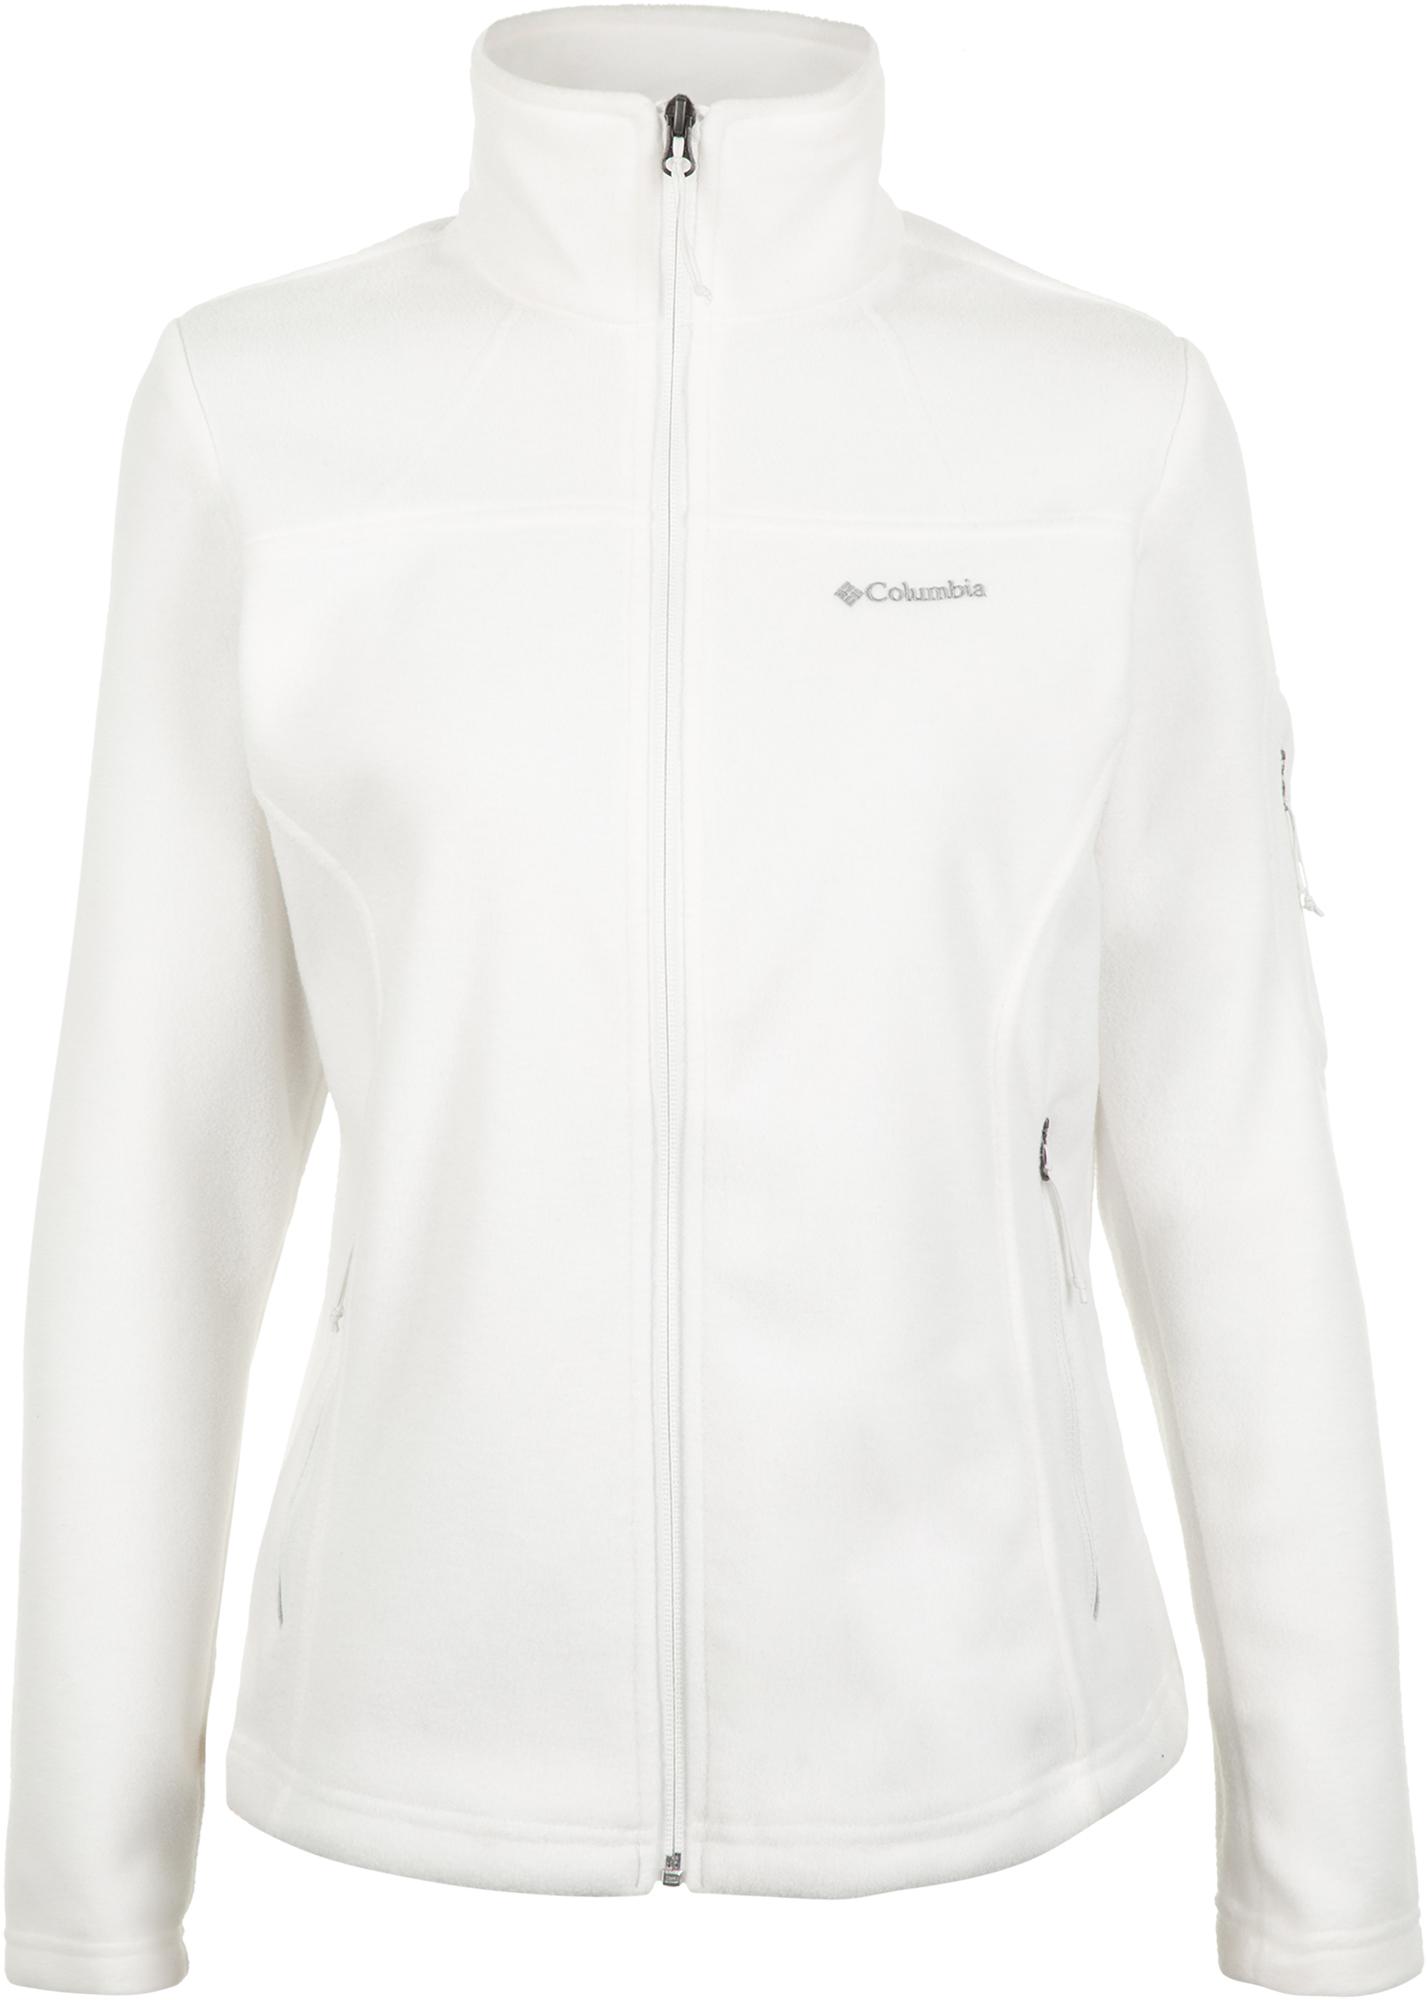 Фото - Columbia Джемпер флисовый женский Columbia Fast Trek II, размер 46 джемпер женский zarina цвет белый 8224547442001 размер m 46